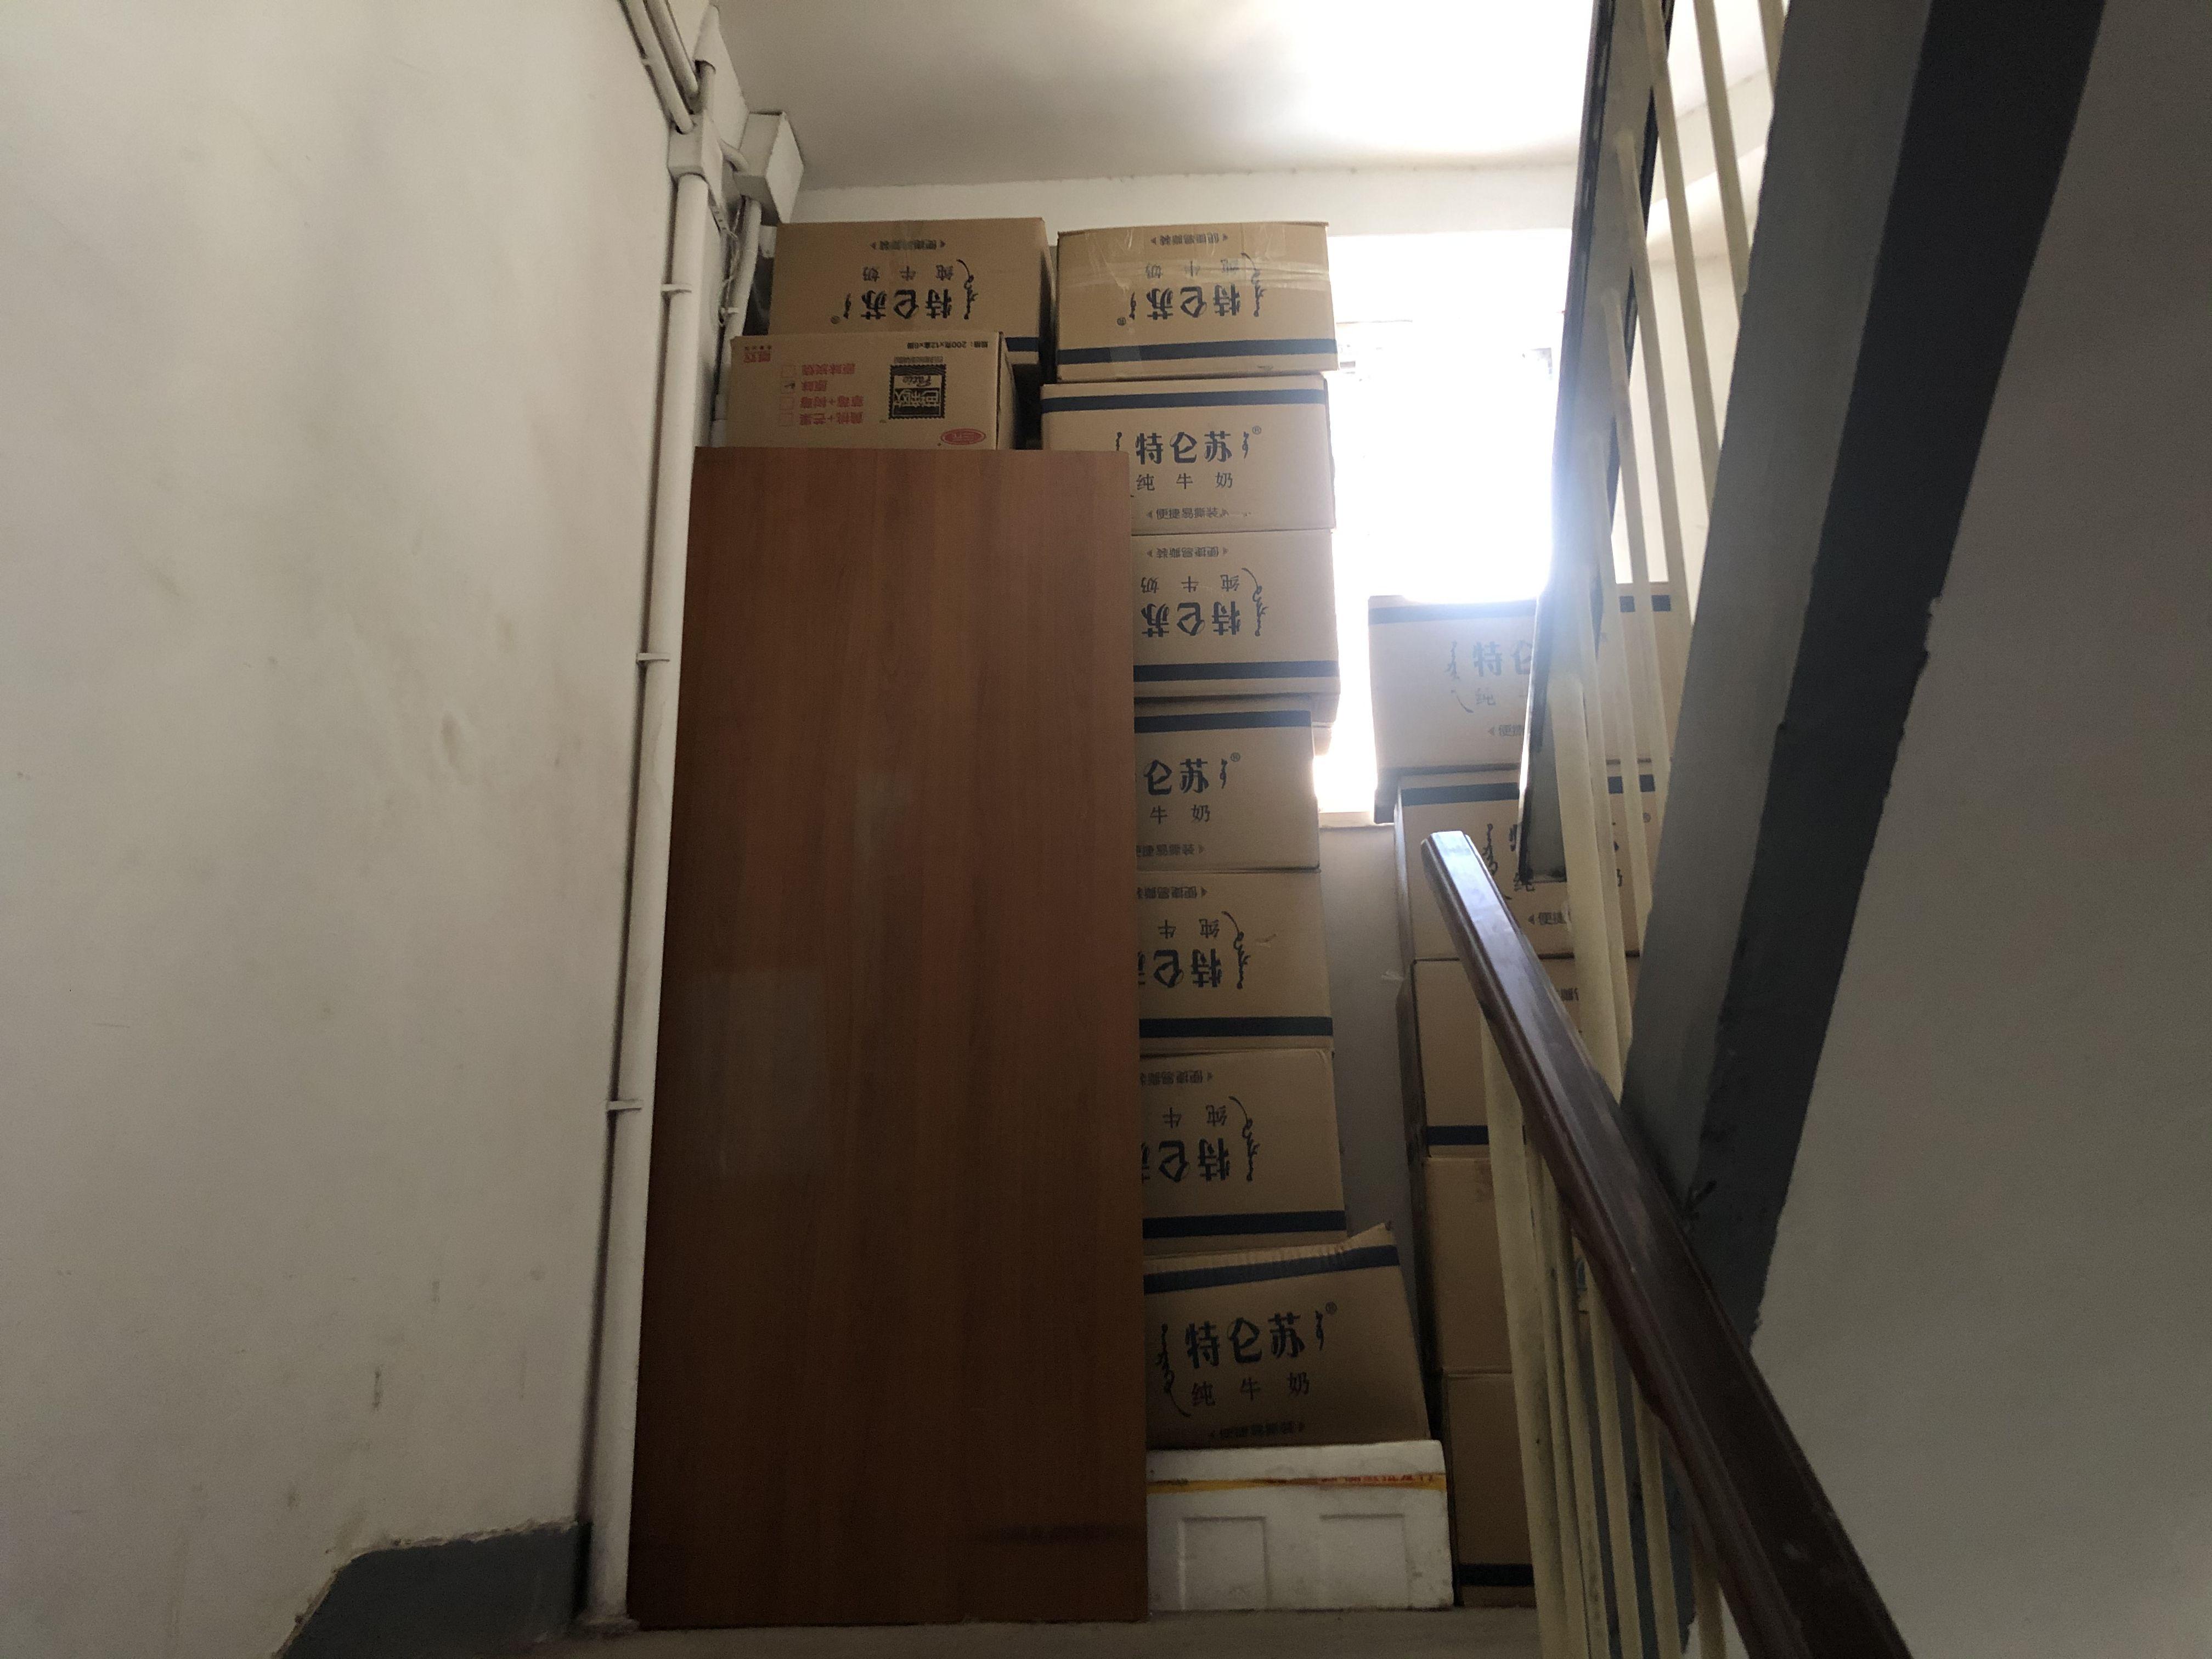 把楼道当库房?一小区楼内乱堆杂物高达十几米